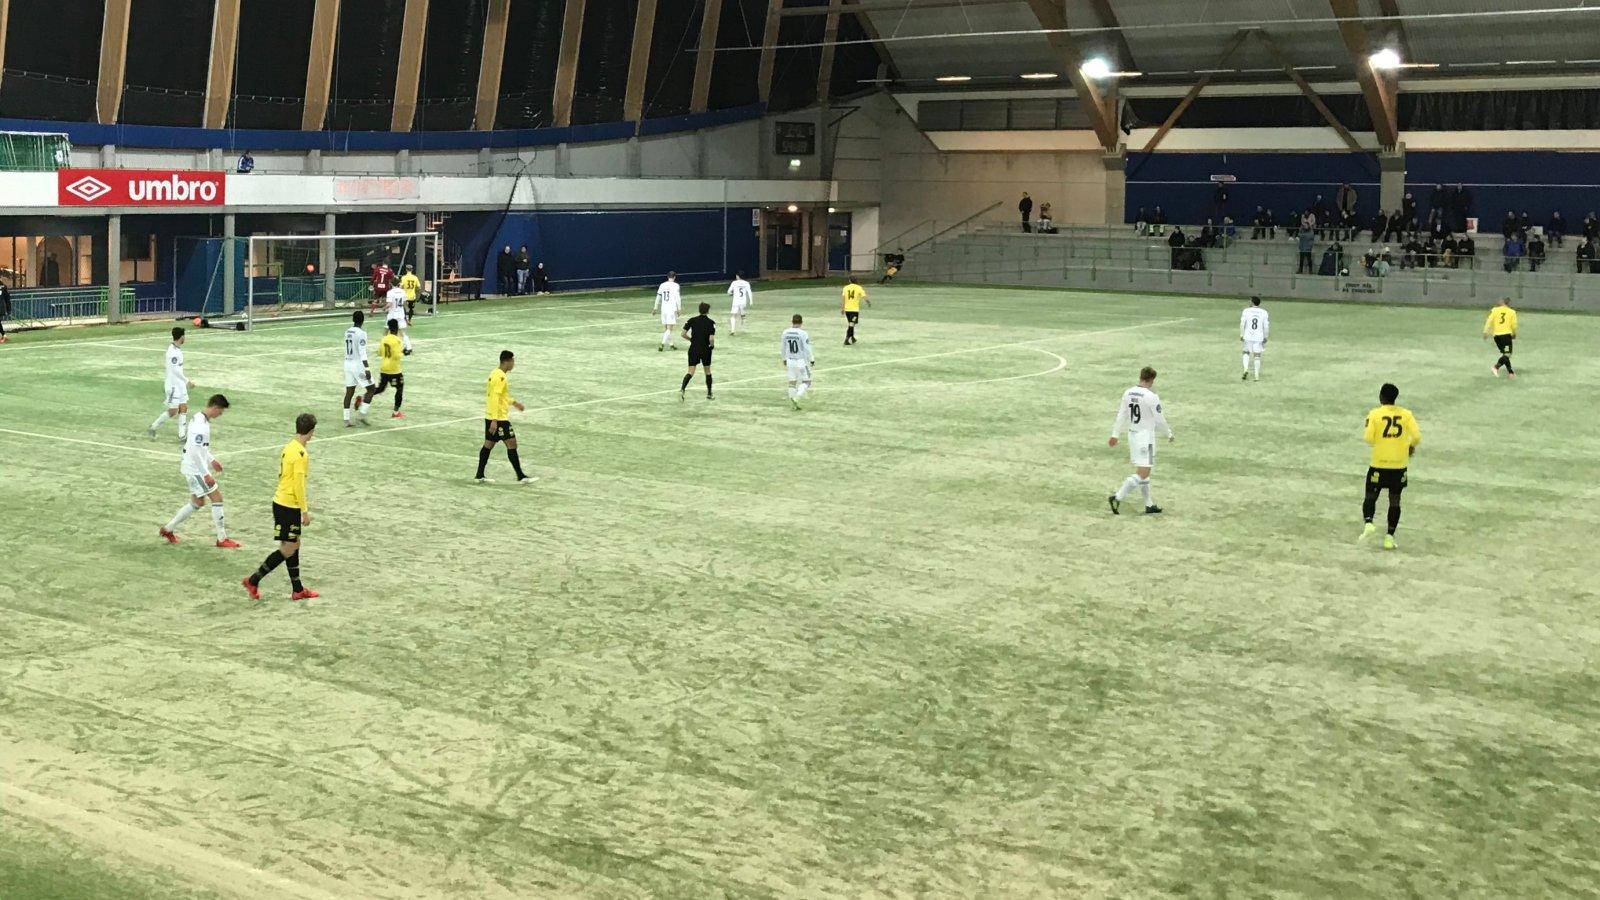 Treningskamp Start-Arendal i Sørlandshallen 16. februar 2018.